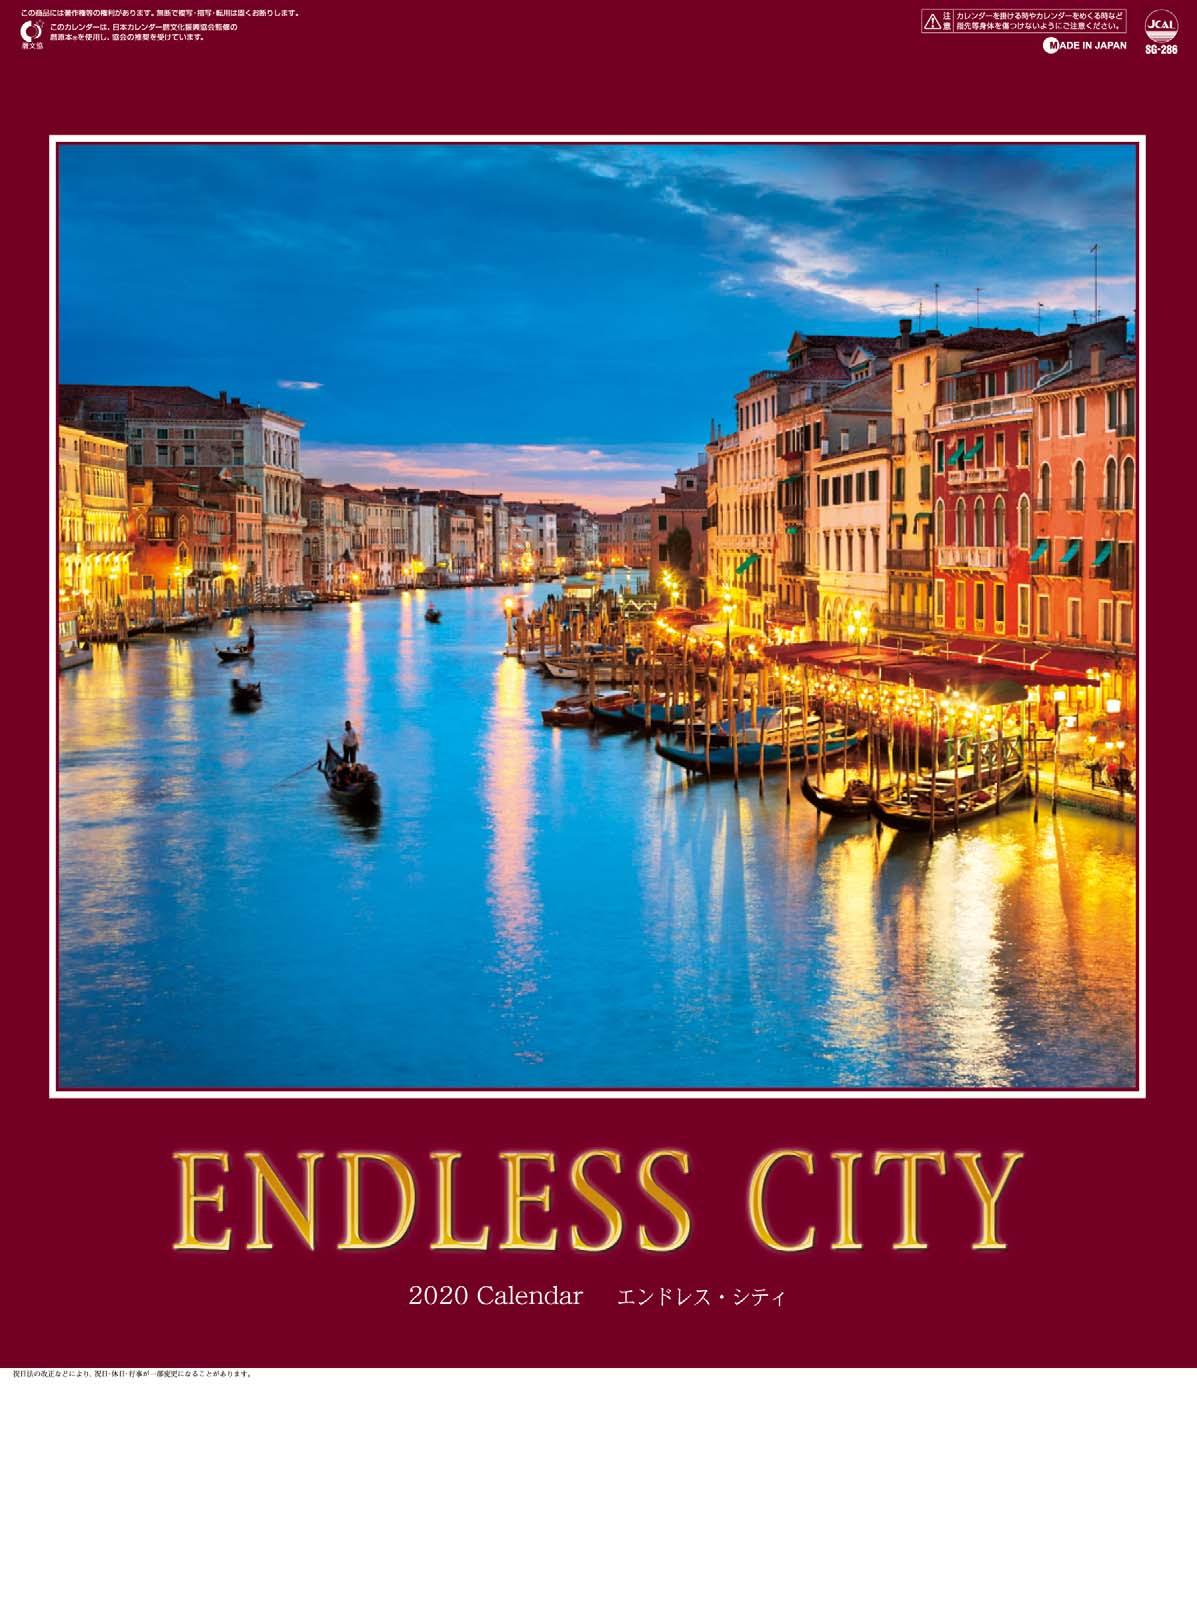 エンドレスシティ・世界の夜景 2020年カレンダー